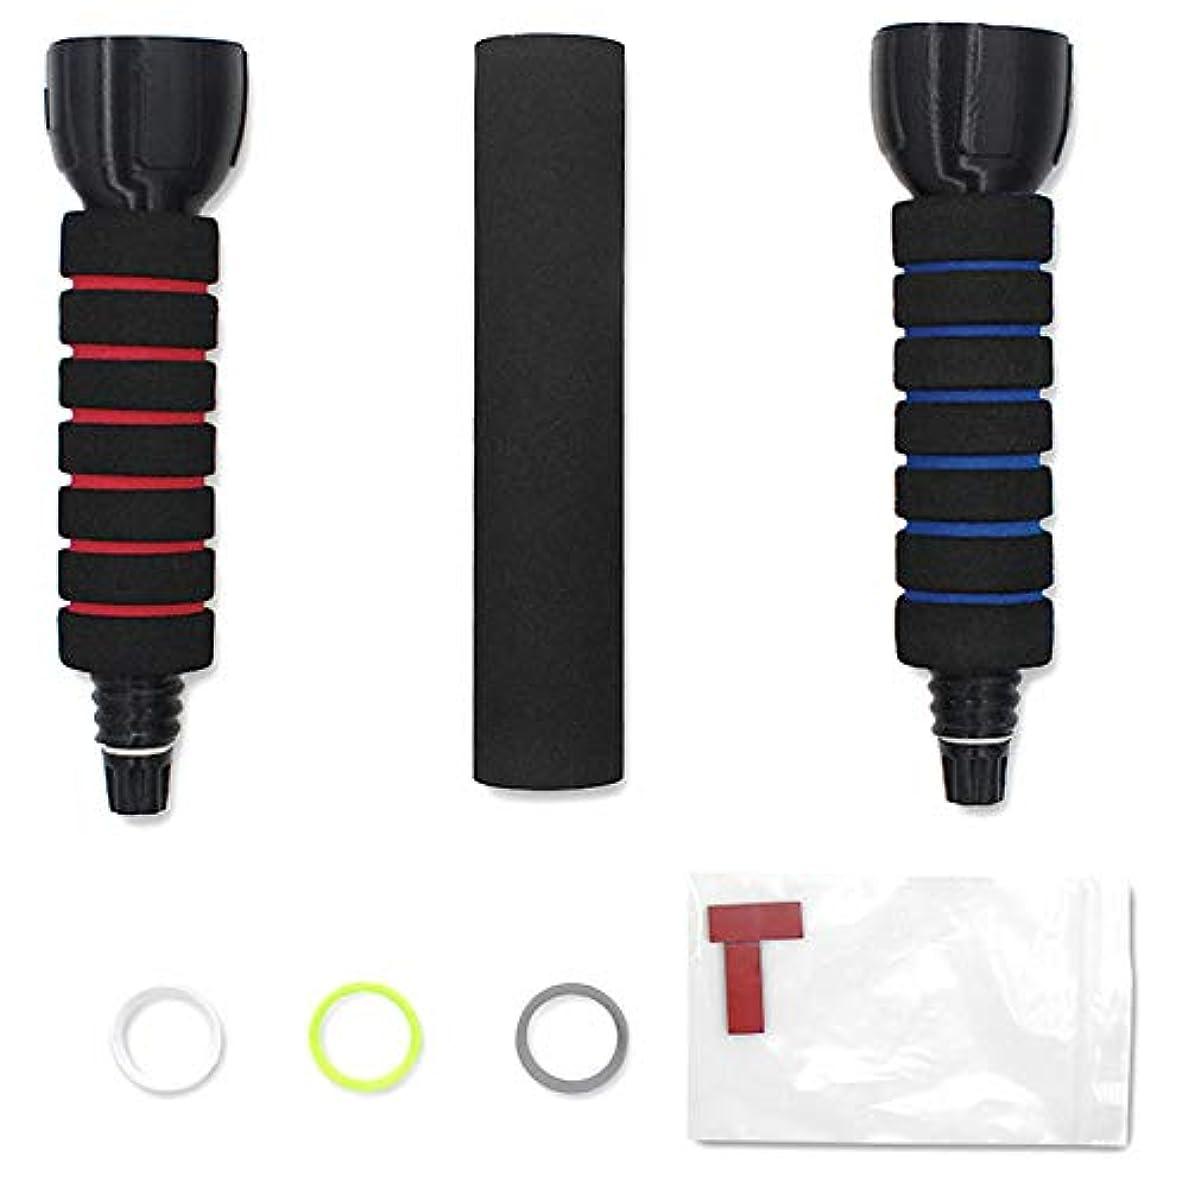 爪キリマンジャロ毛布RETYLY ハンドルのゲームパッド、 Rift用の接触コントローラー、スポンジのハンドル、スタンド、ホルダー、Beat Saberゲームのためのコントローラー